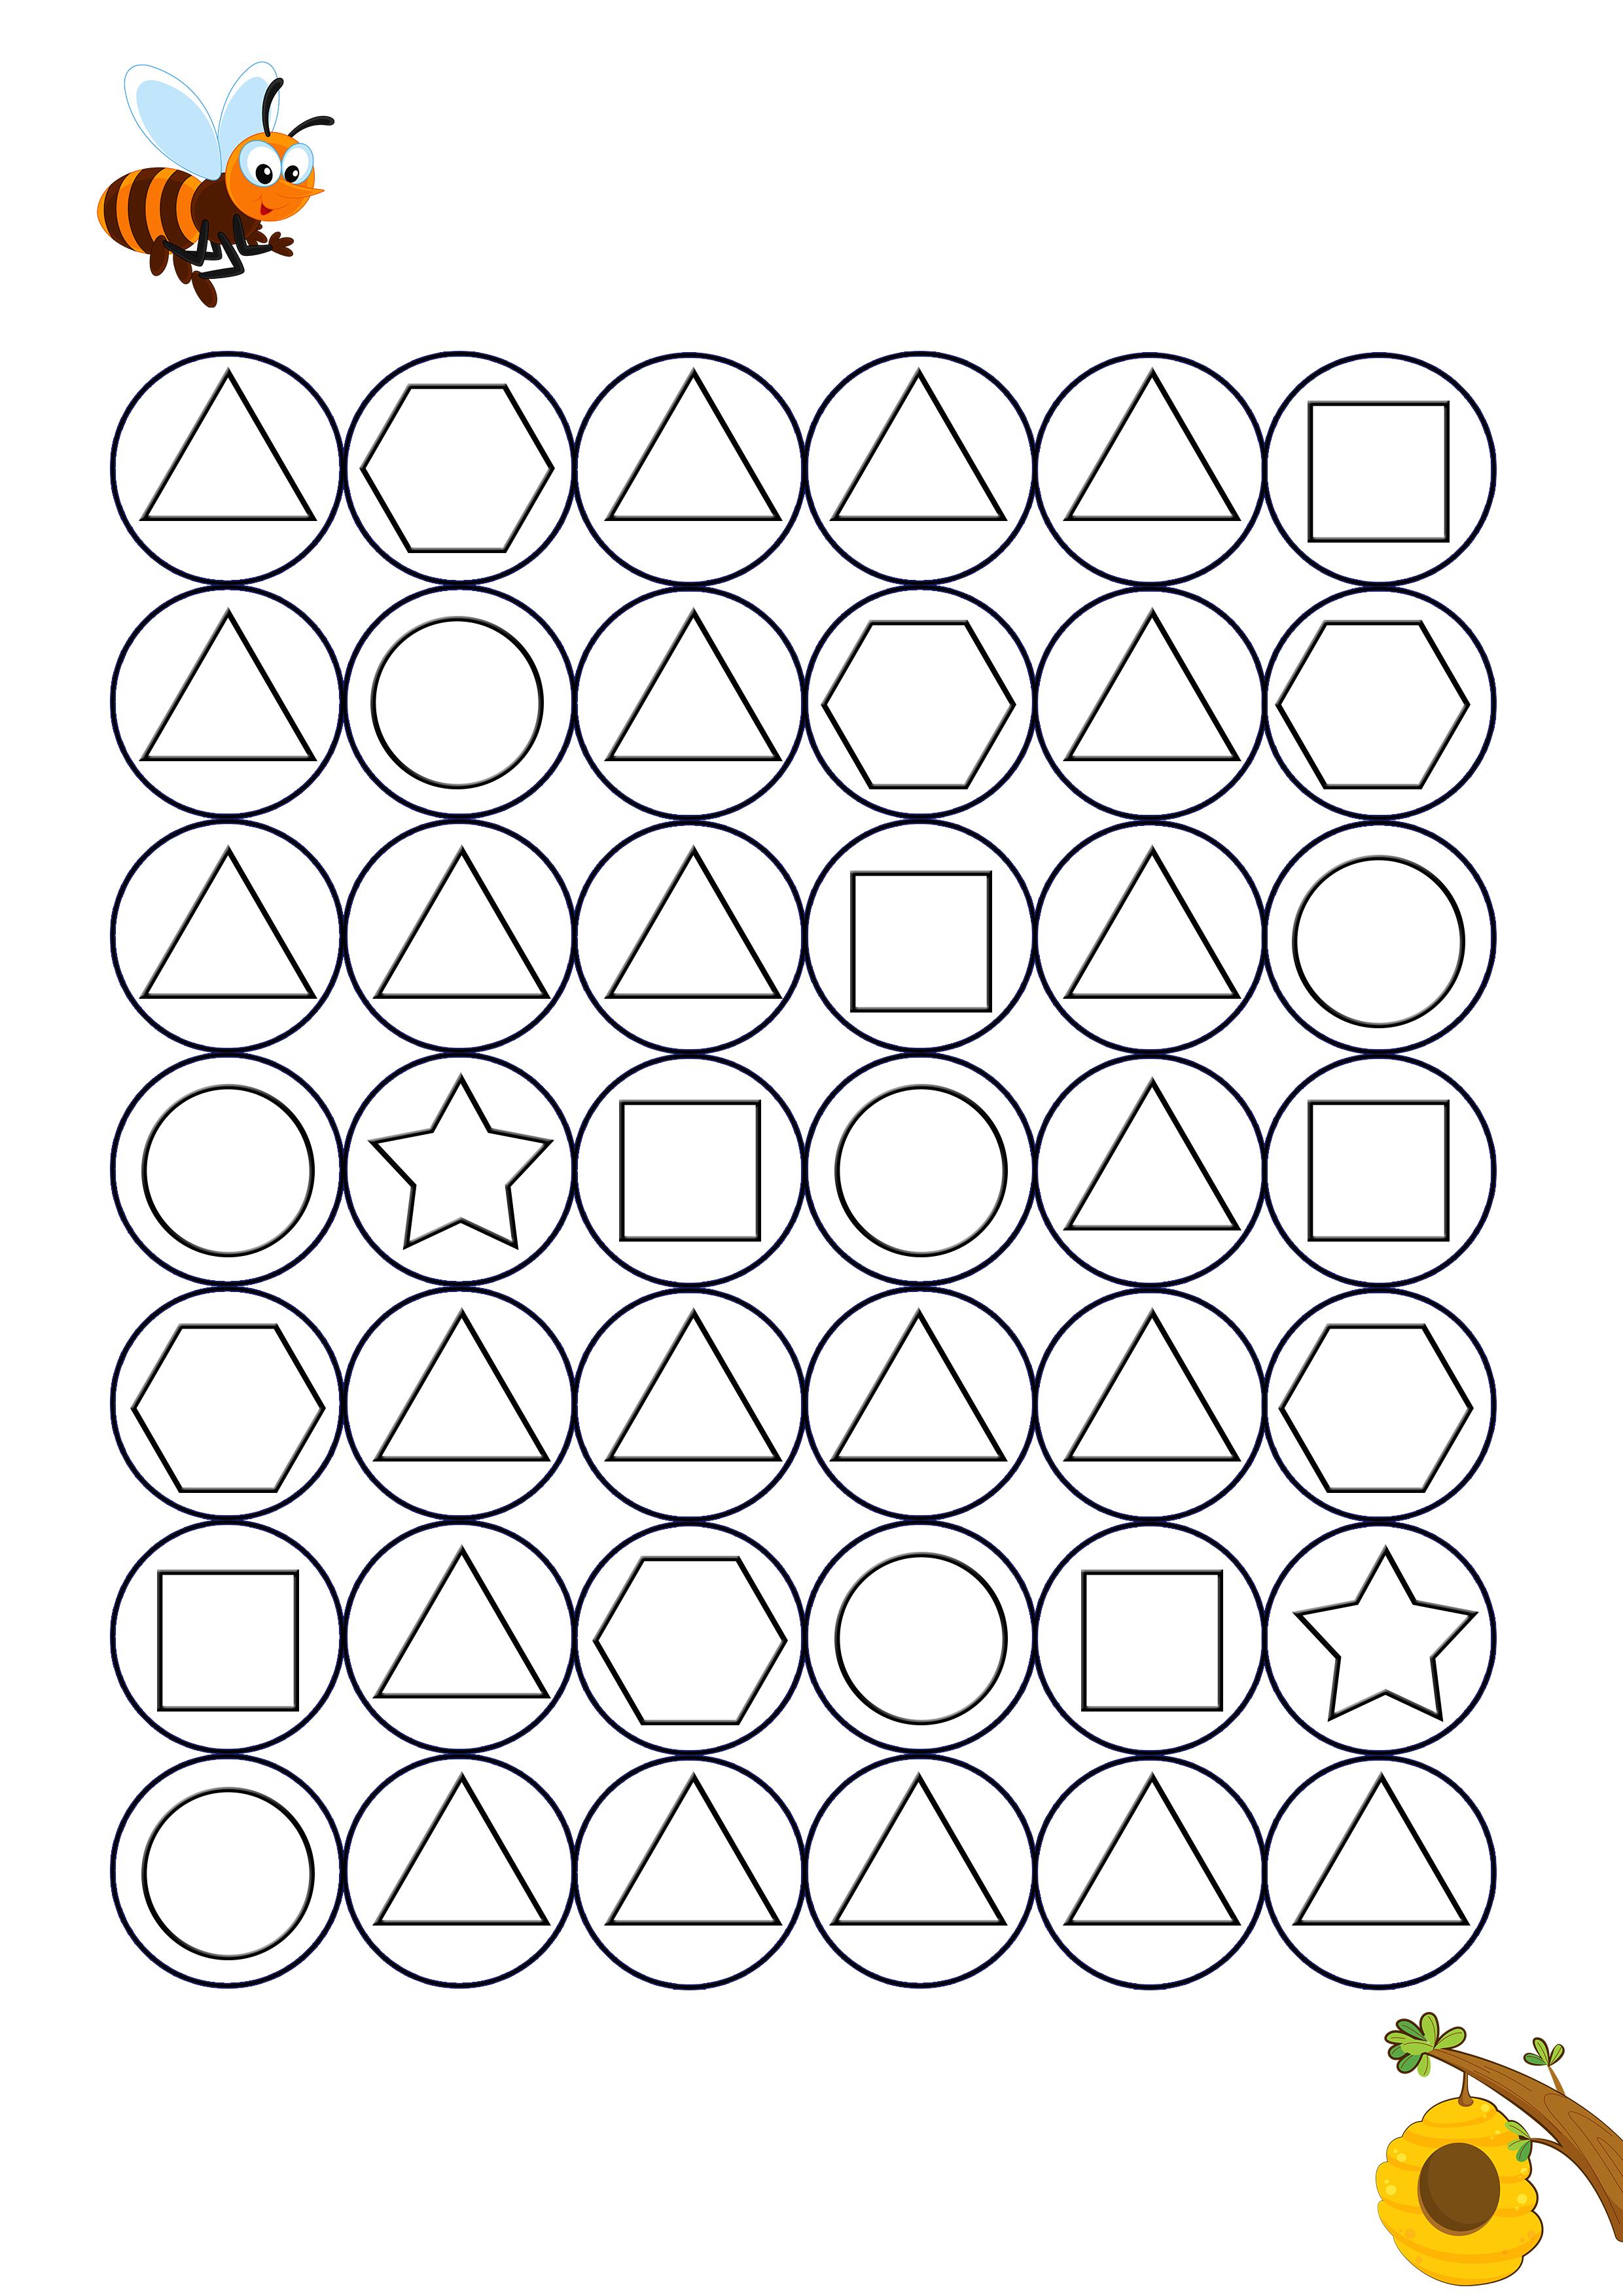 2016-06) Følg trekanterne | logika | Pinterest | Laberintos ...